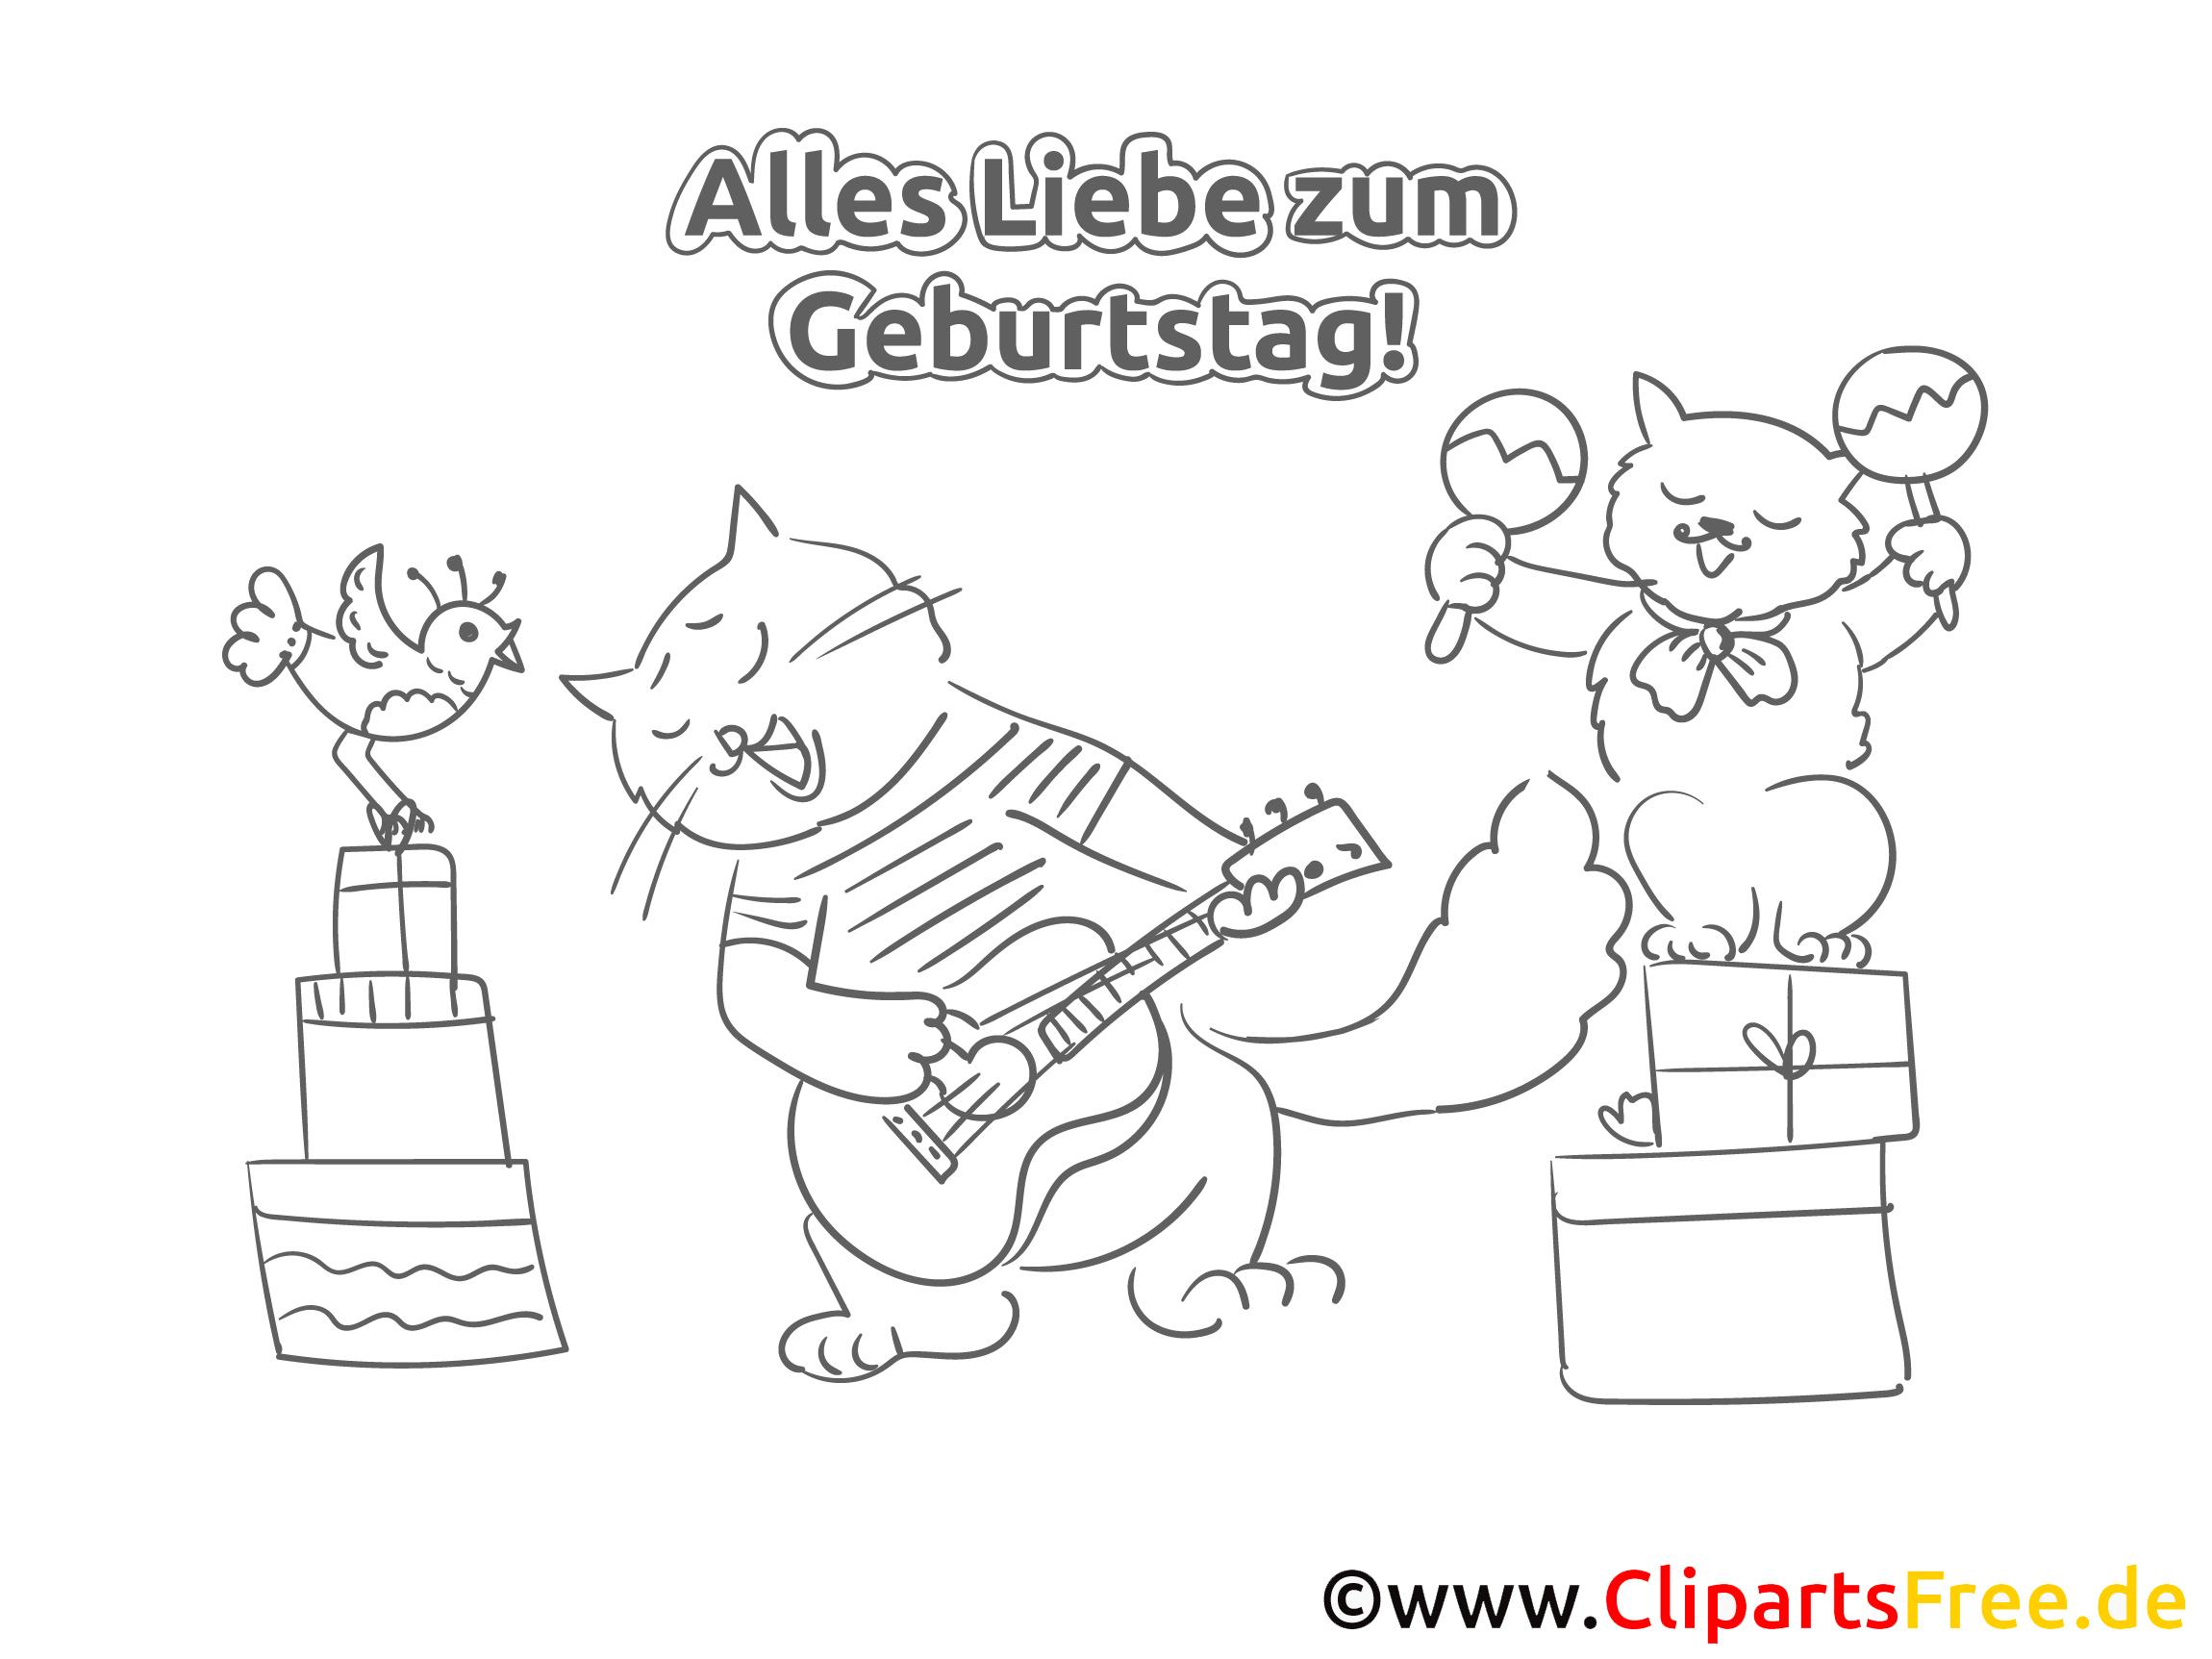 Katze Bär Malvorlage zum Geburtstag